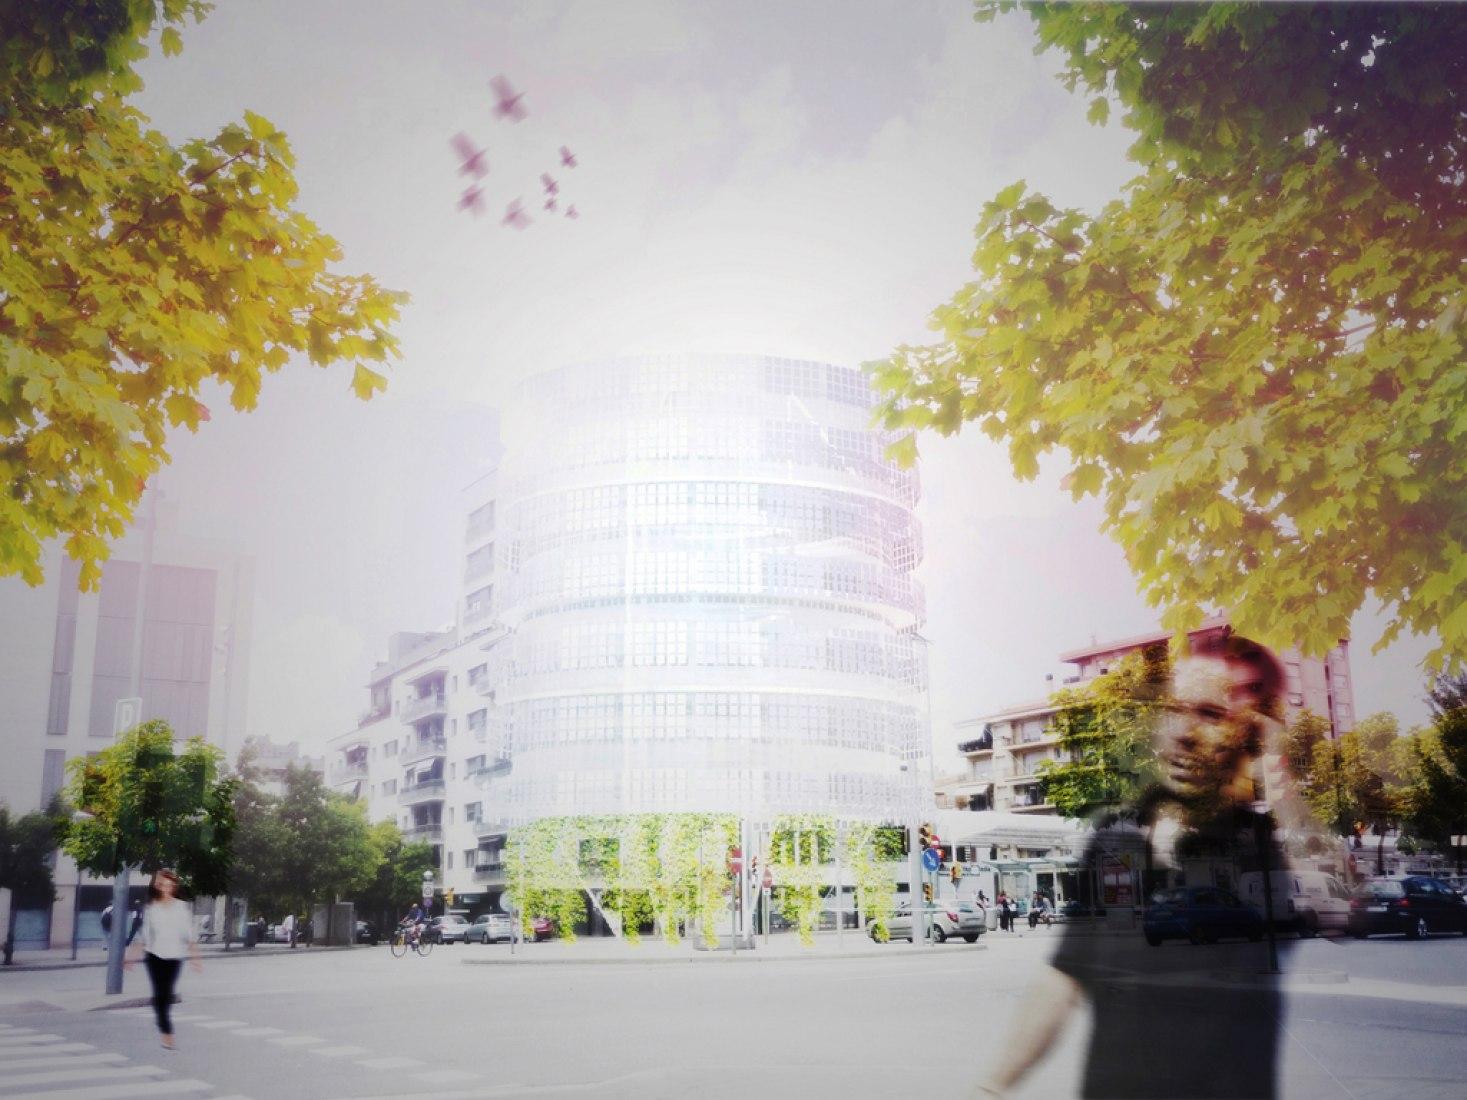 Proyecto Solar Tower. Imagen cortesía de AAIMM Estudio de arquitectura.